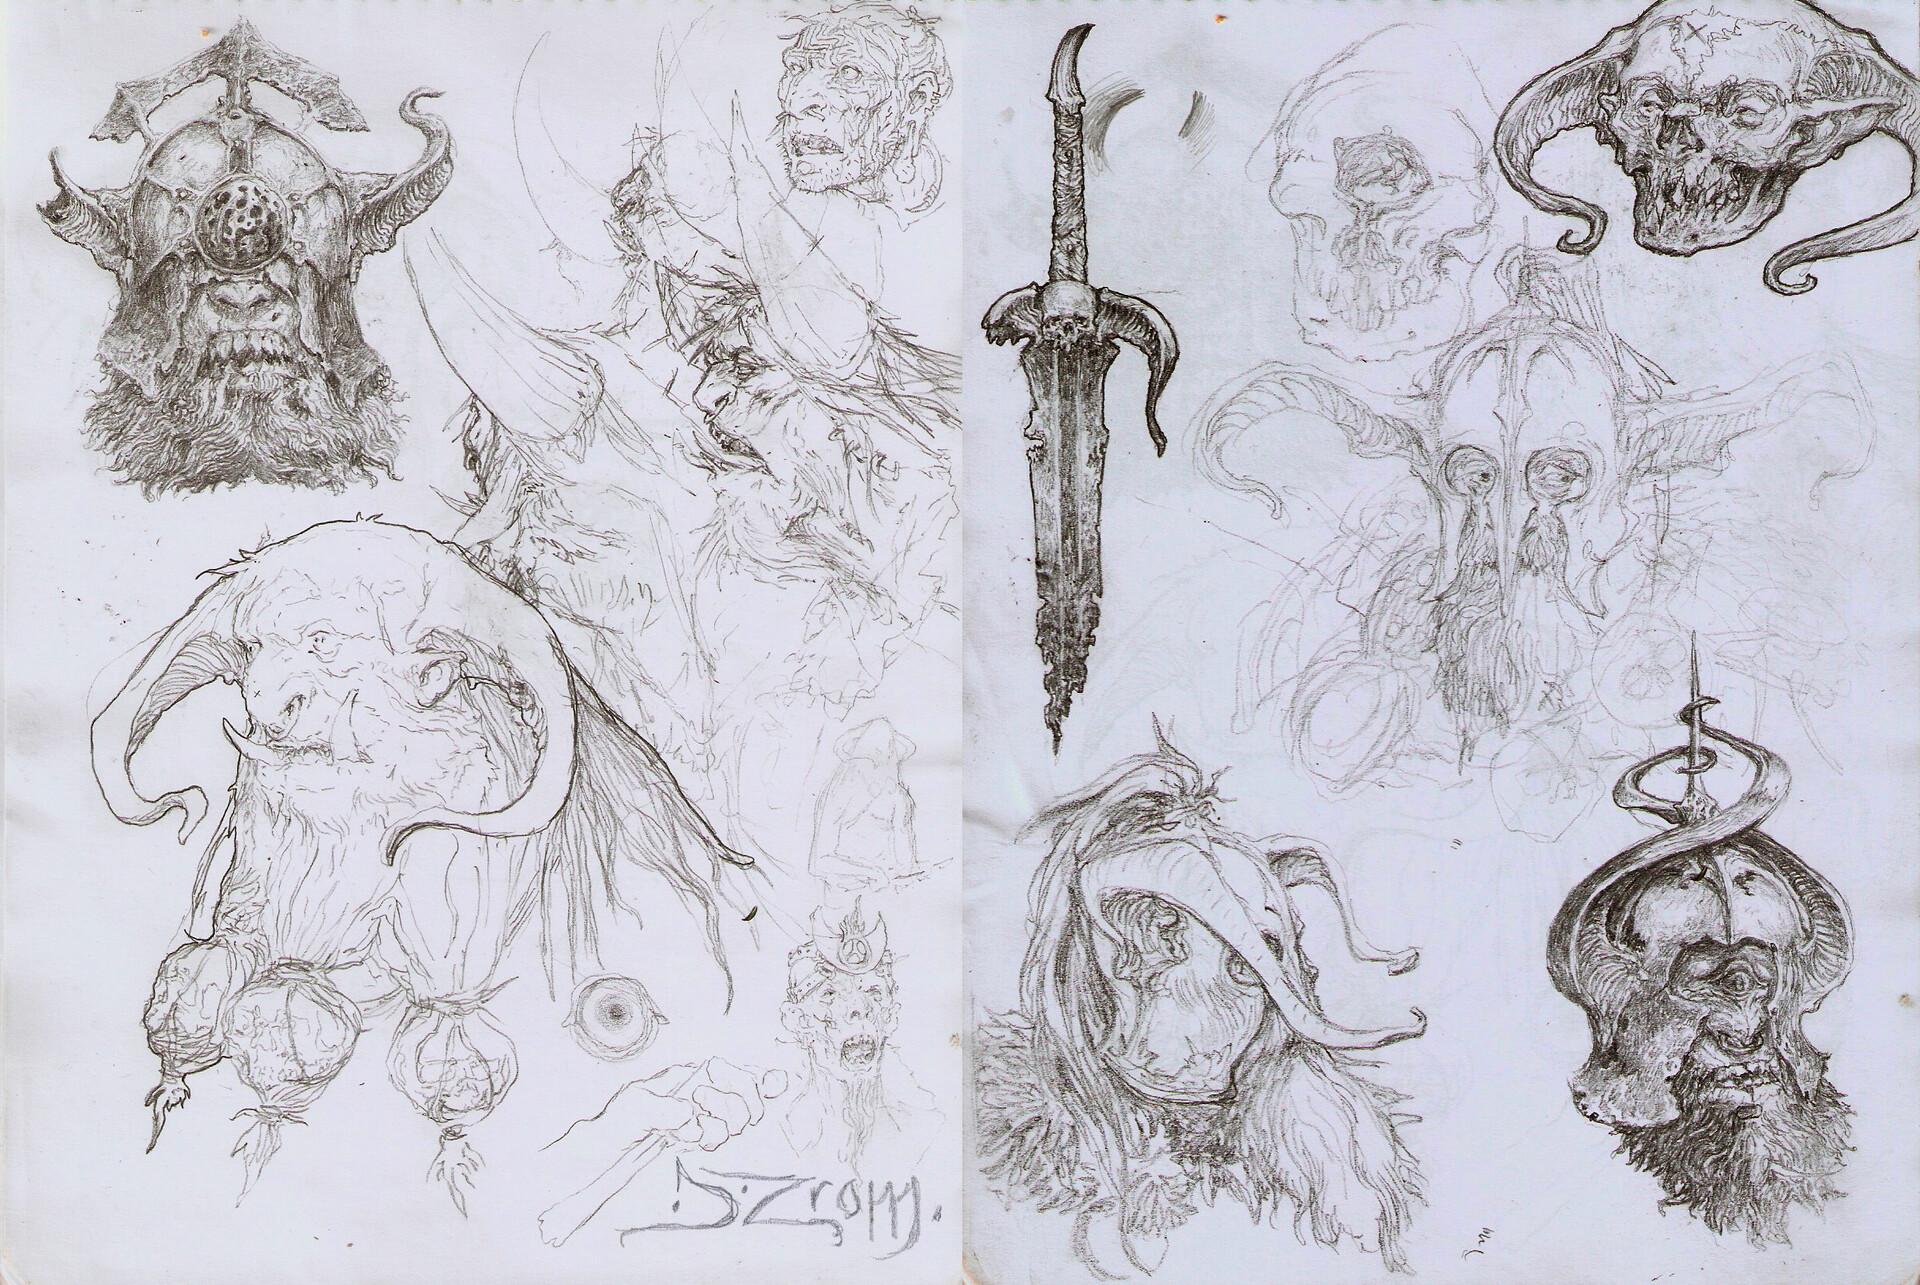 Daniel zrom danielzrom sketchbook7